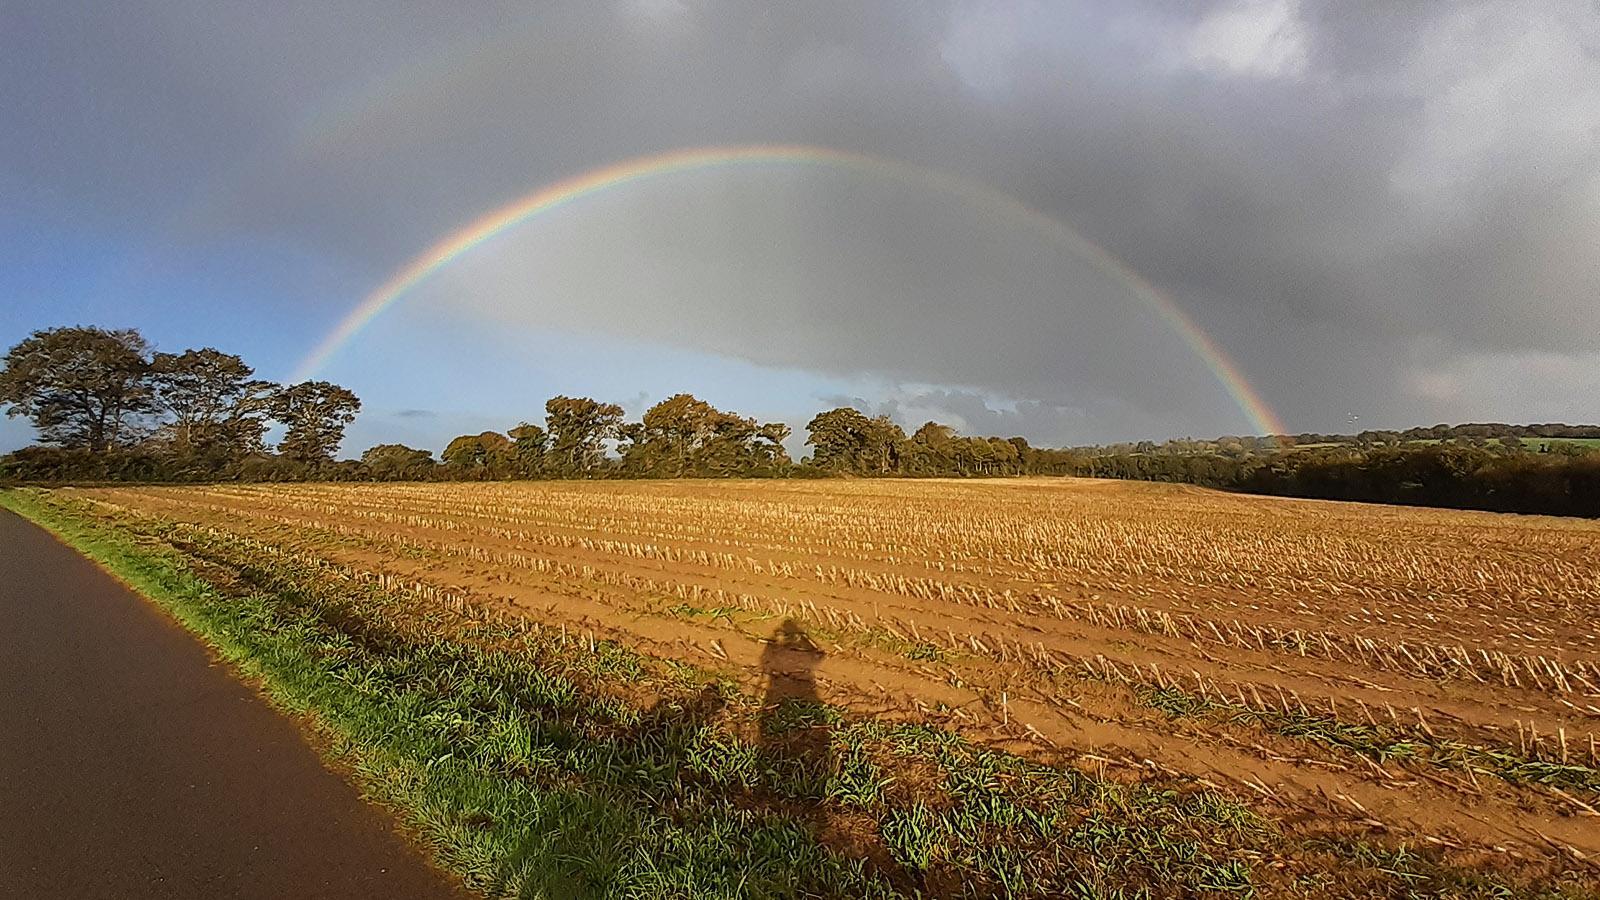 Den Goldschatz am Ende des Regenbogens haben wir noch nicht gefunden. Foto: Silvia Wiggers